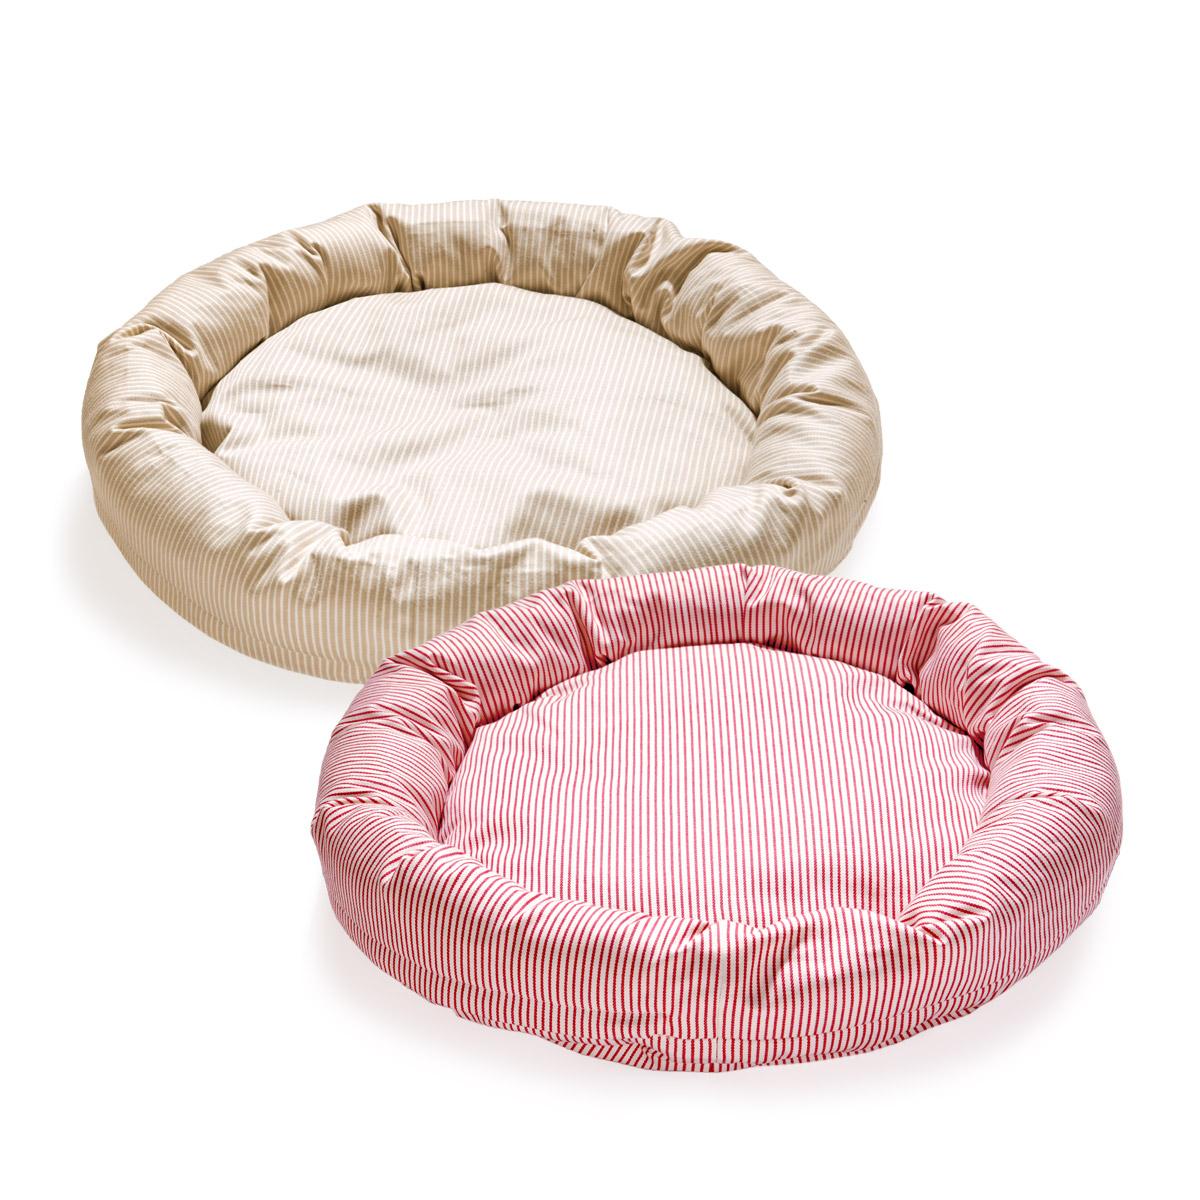 犬と生活 猫の暮らし ロウカドラーヒッコリー|カバーが外して洗えるペット用ベッド